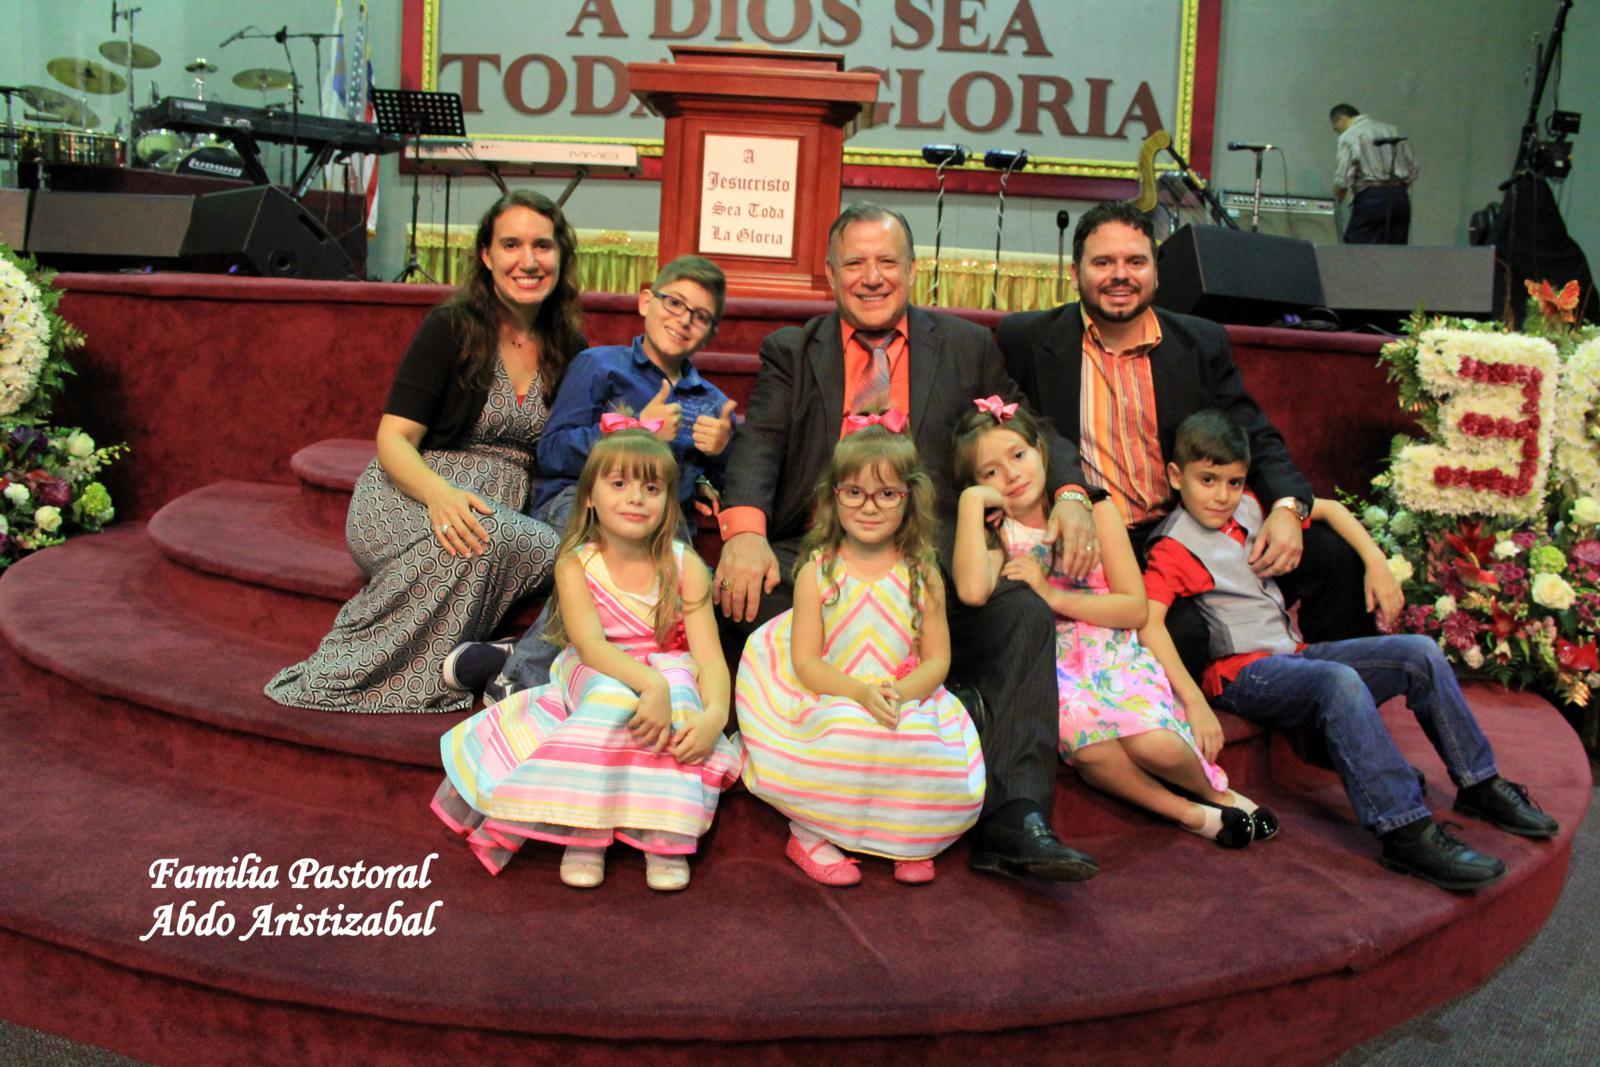 GLORIA A DIOS, 30 ANIVERSARIO ICRLC 07 04, 2016 (294)